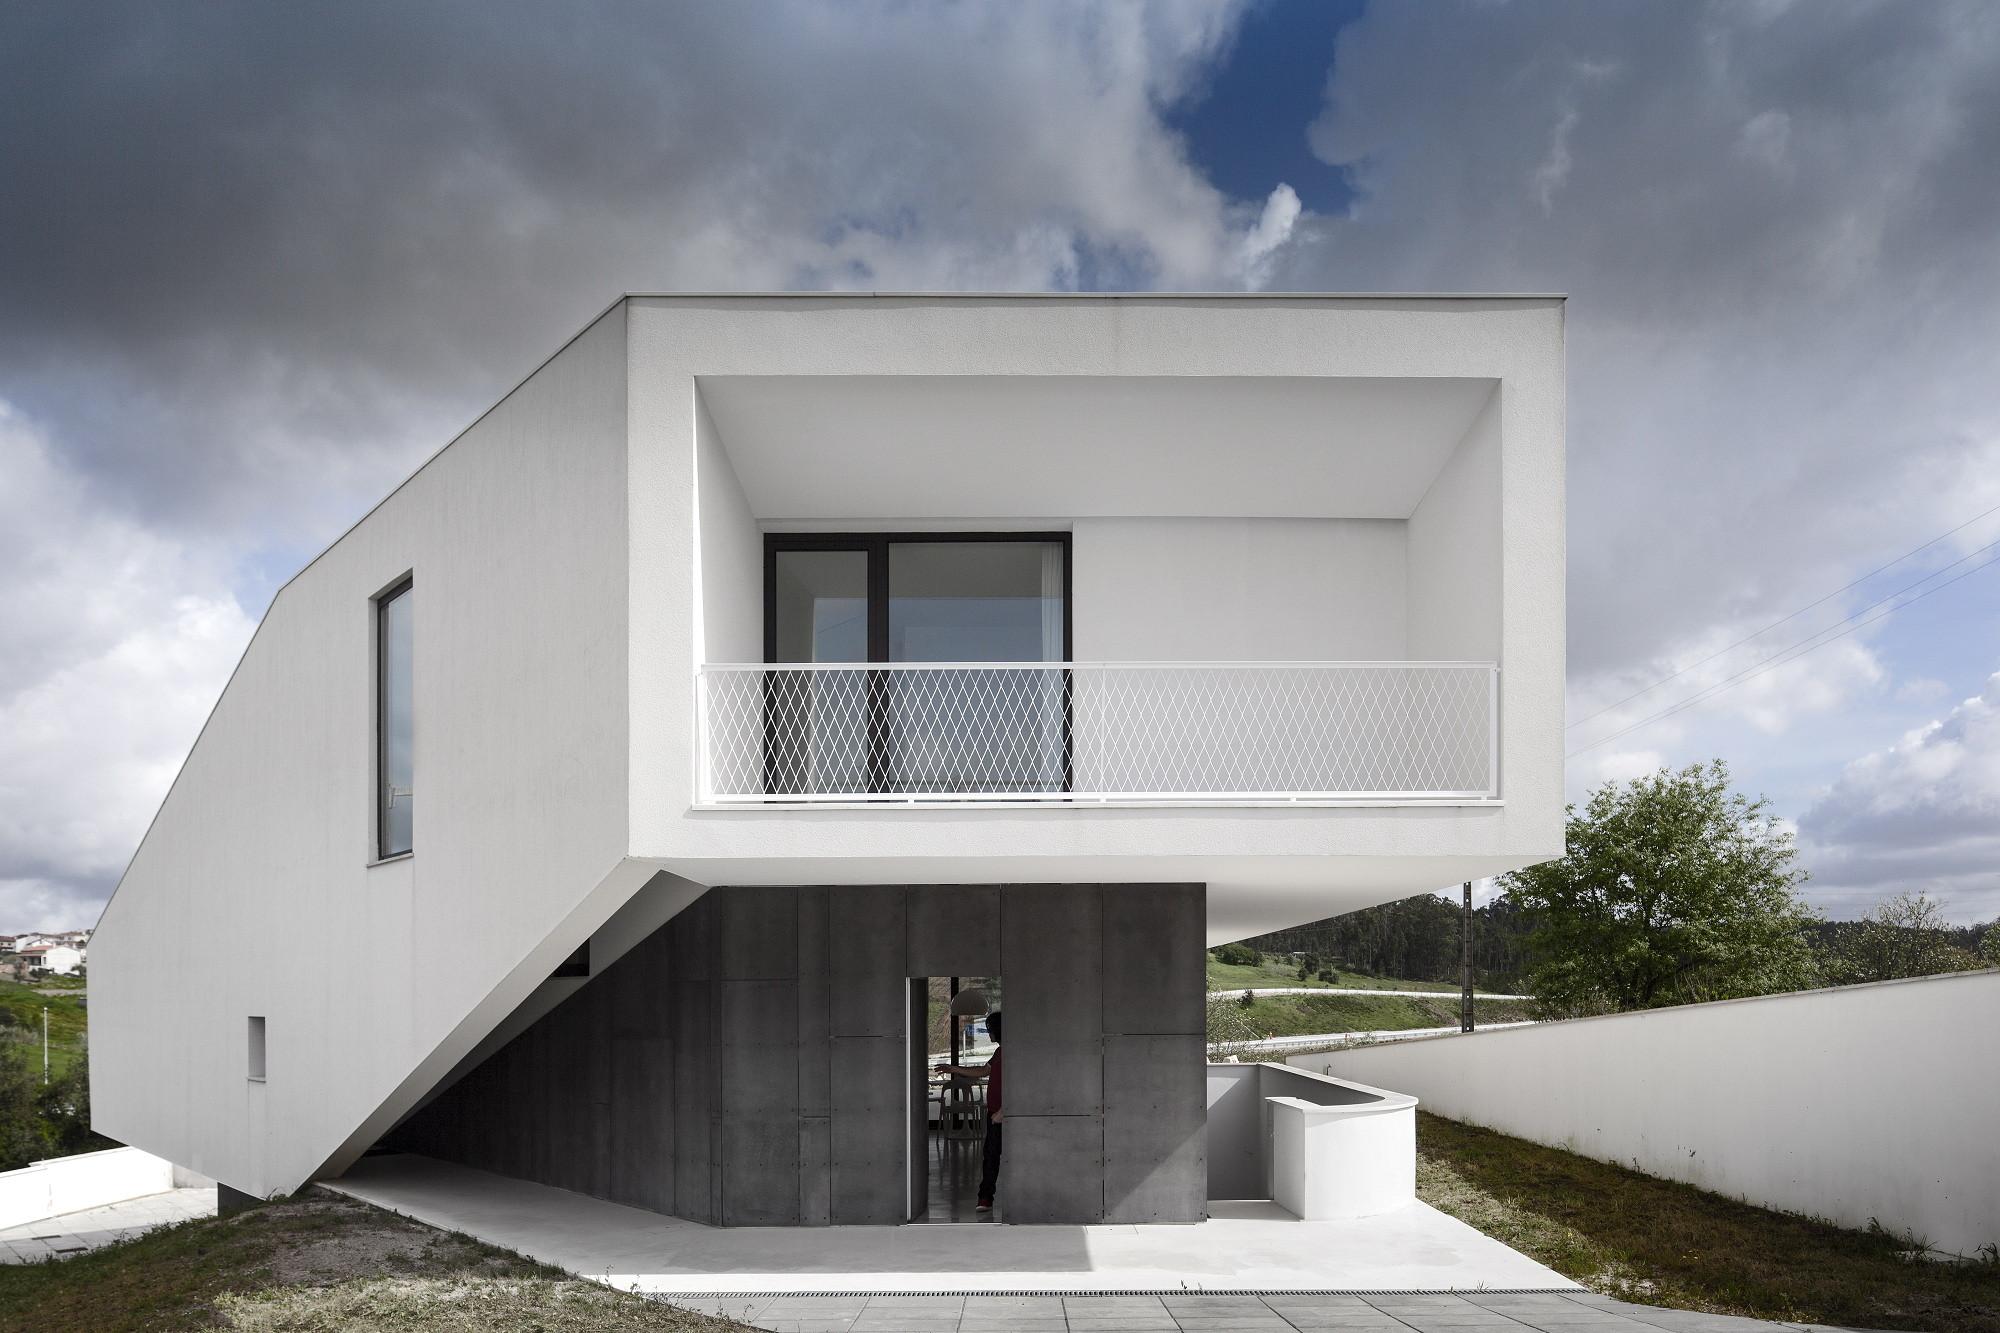 Casa Vidigal / Contaminar Arquitectos, © Fernando Guerra | FG+SG